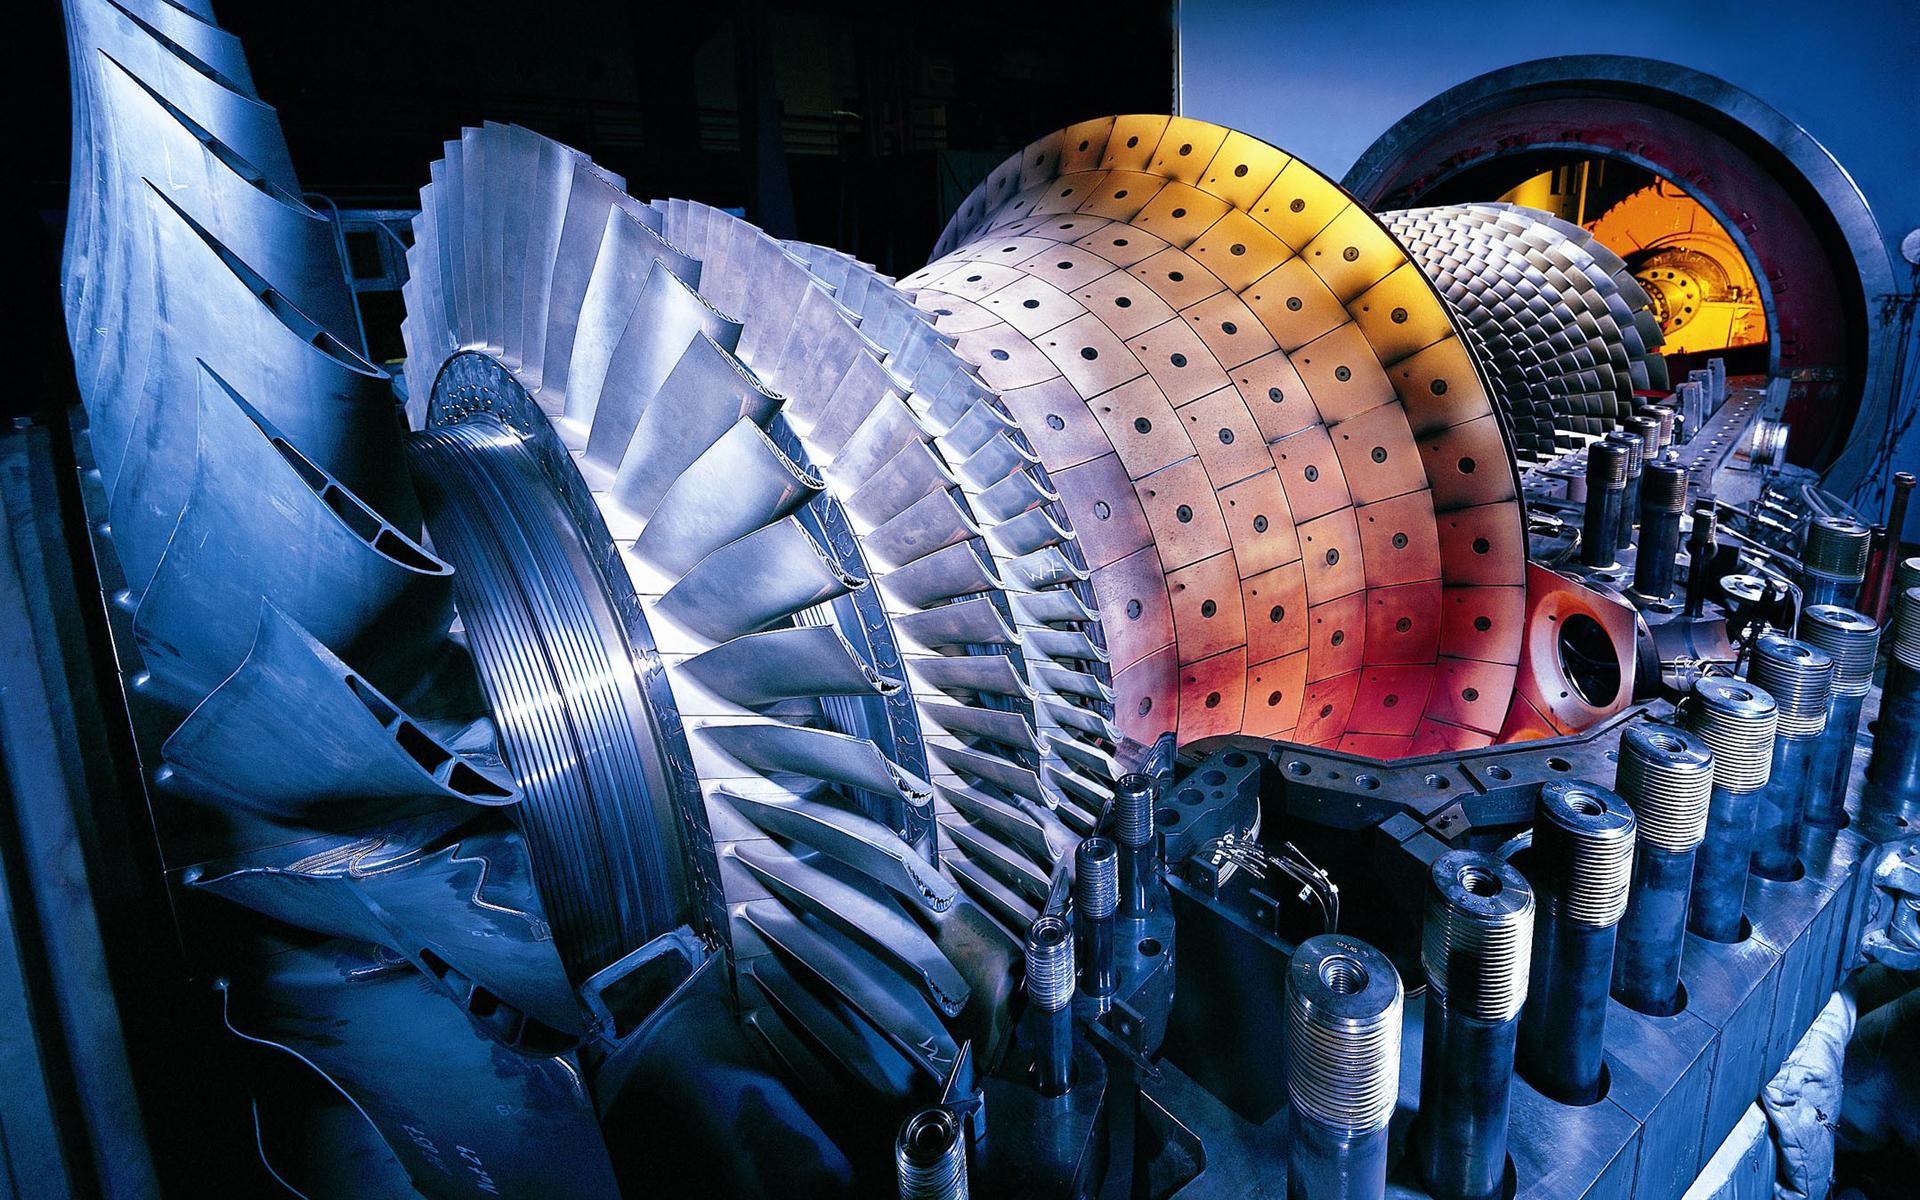 Turbine Wallpaper 42170 1920x1200 px